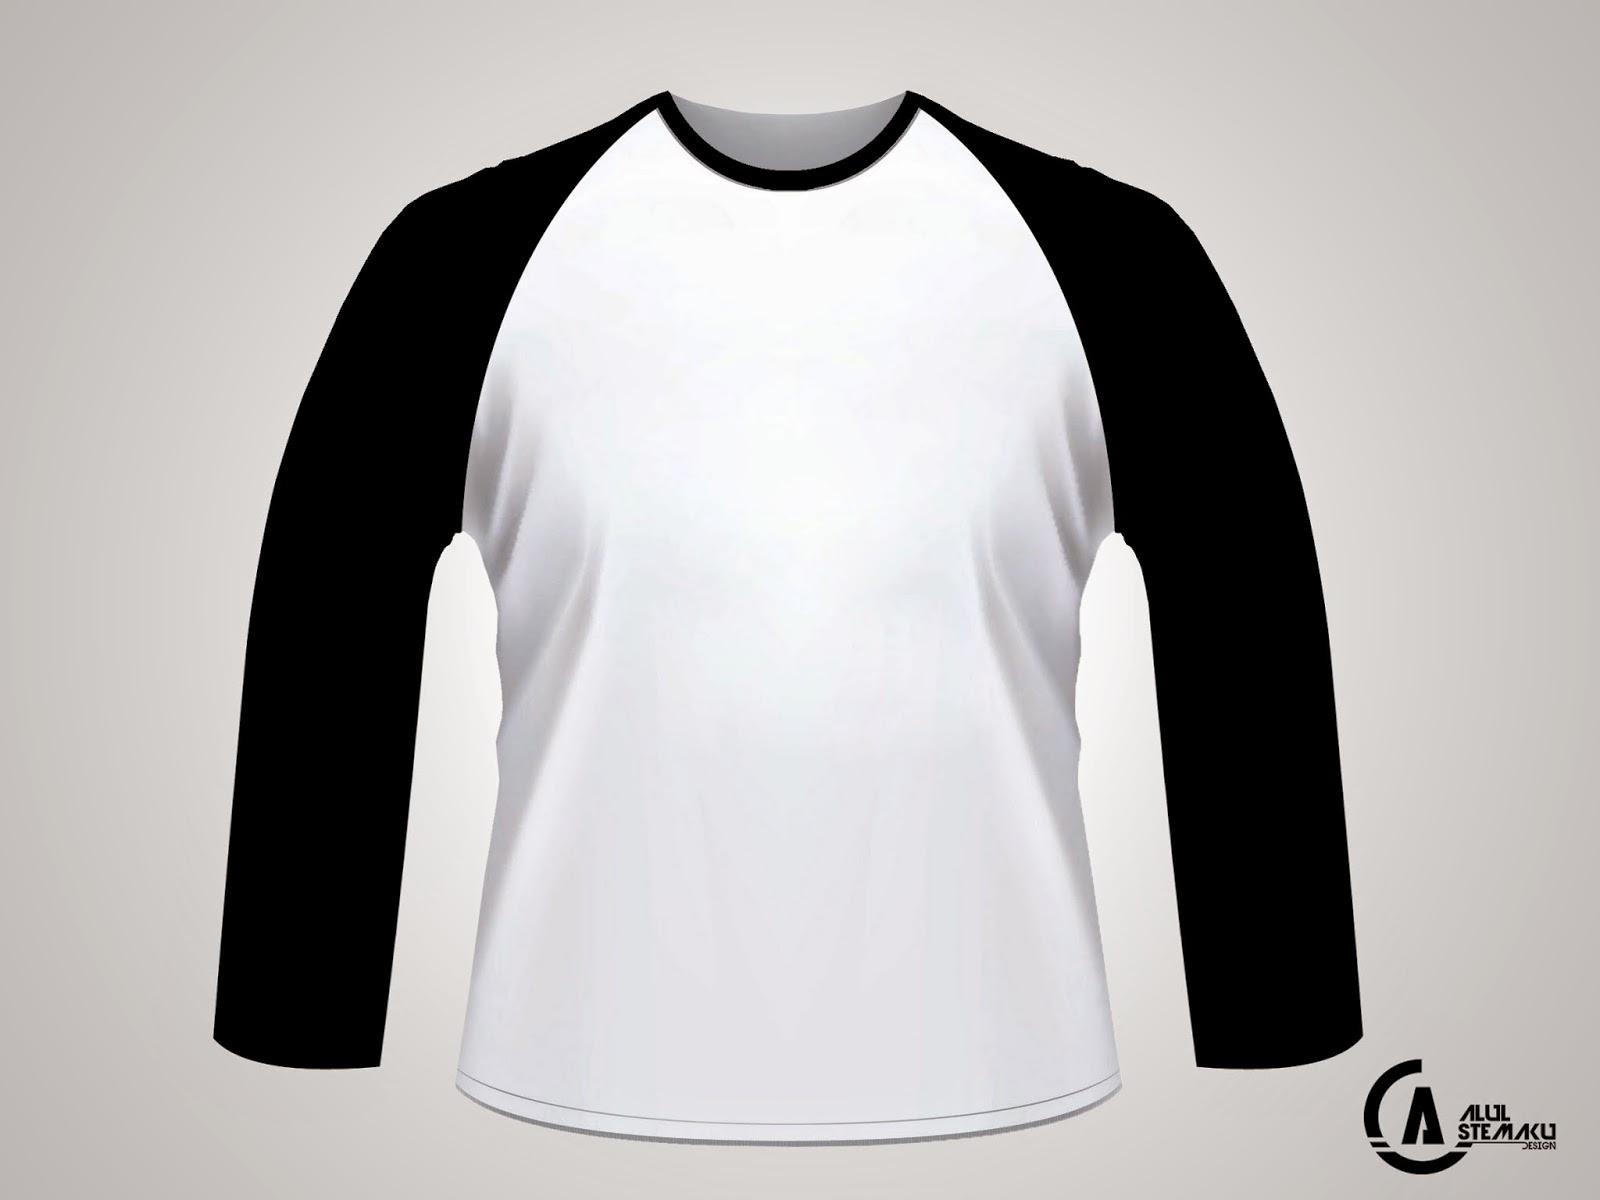 Jual Beli Kaos Photo Graphy Baru | Jual Beli Aksesoris | Bukalapak.com